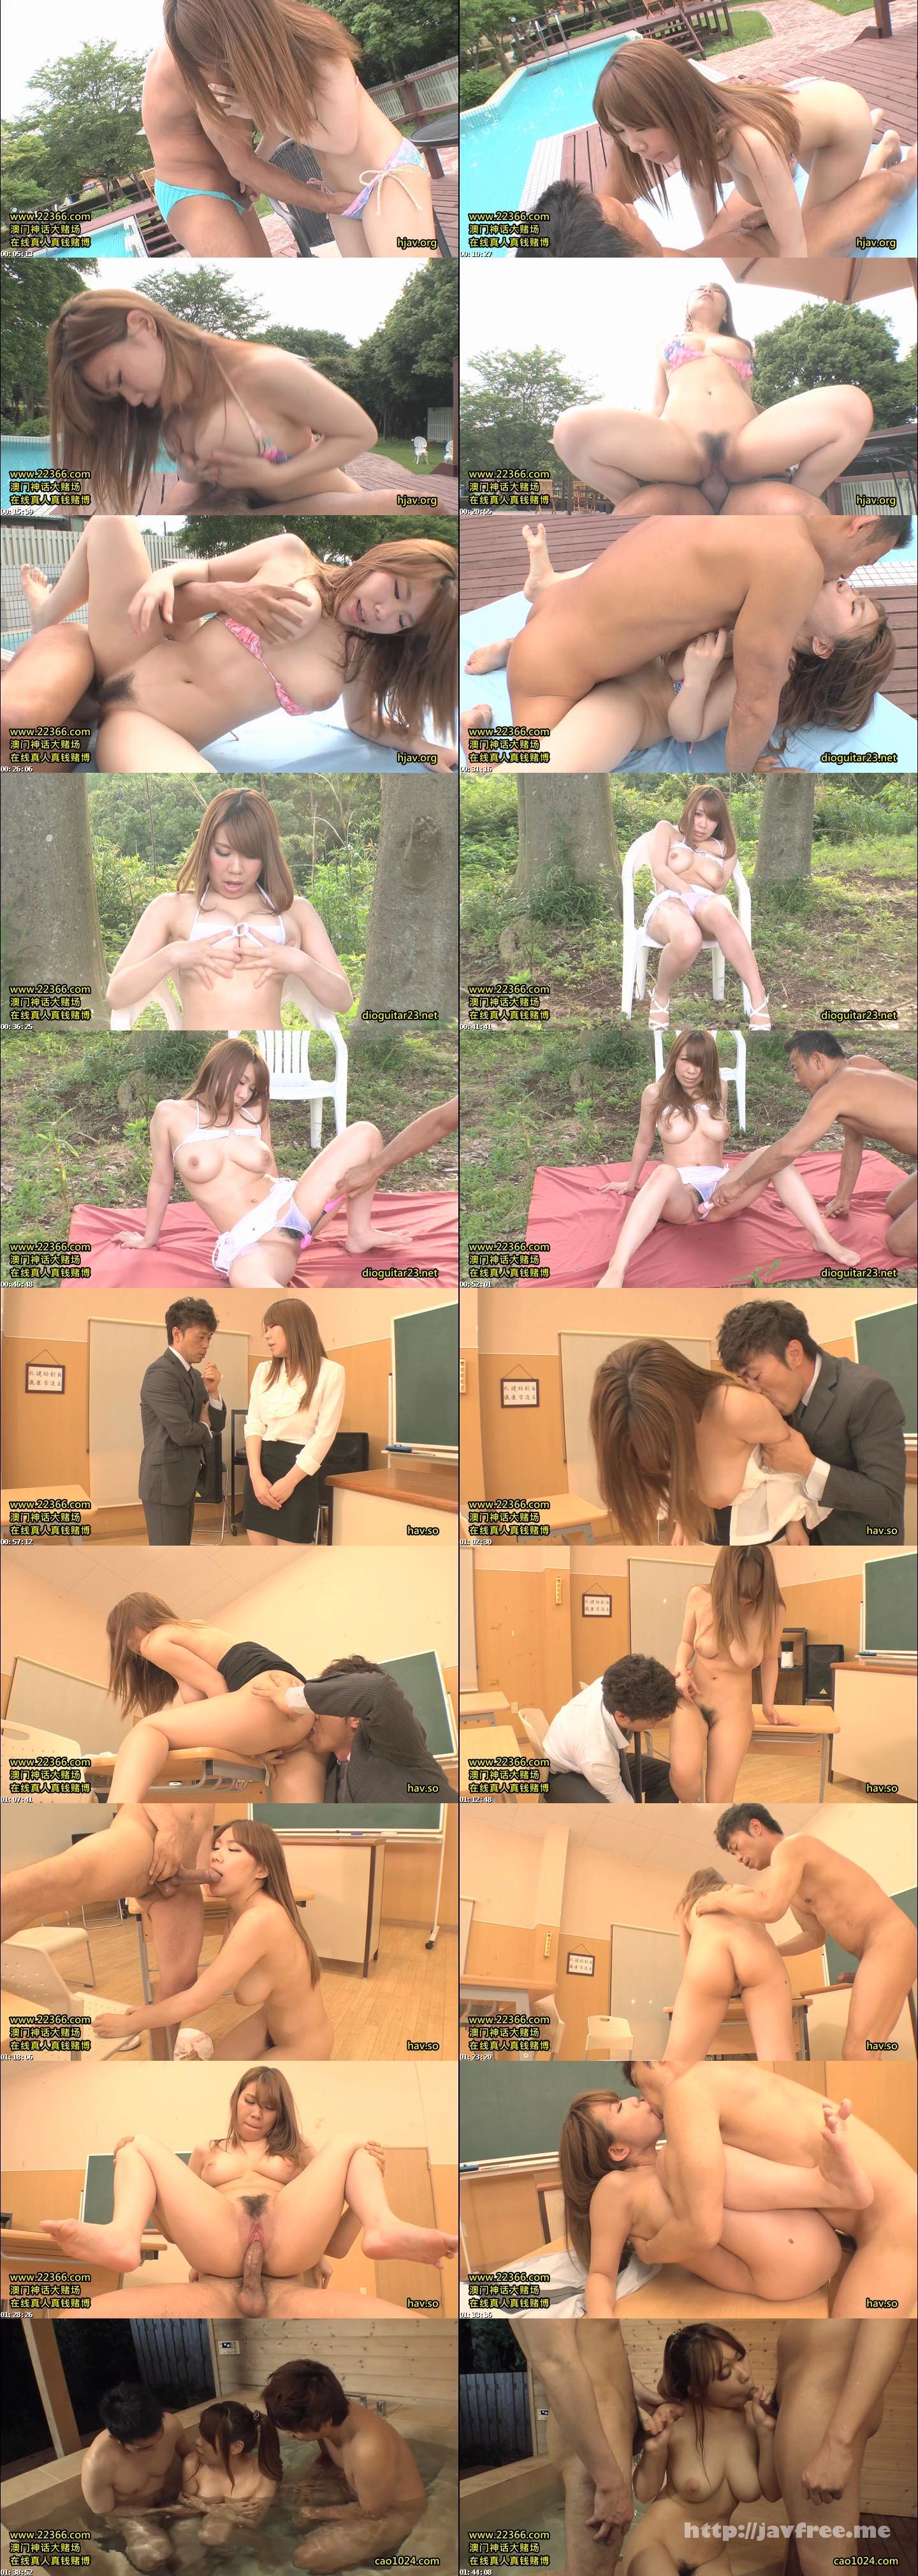 [MCDV 23] メルシーボークー DV 23 いろは先生の淫らな方程式 : 鈴村いろは  鈴村いろは MCDV Iroha Suzumura